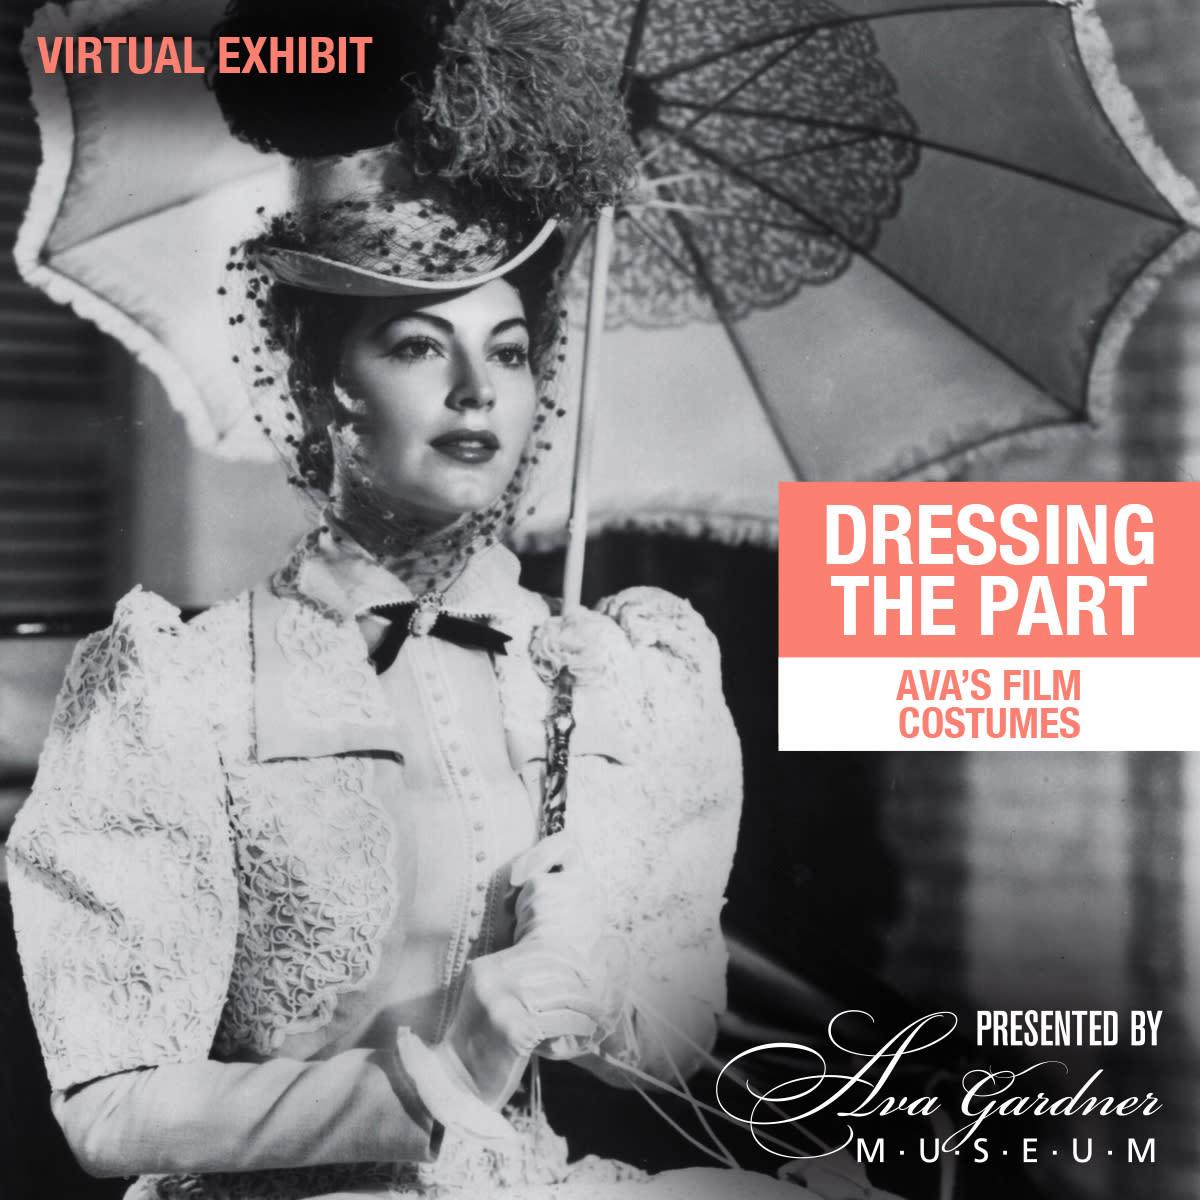 Ava Gardner in costume holding parasol. Promo graphic for Ava's Film Costumes virtual Exhibit